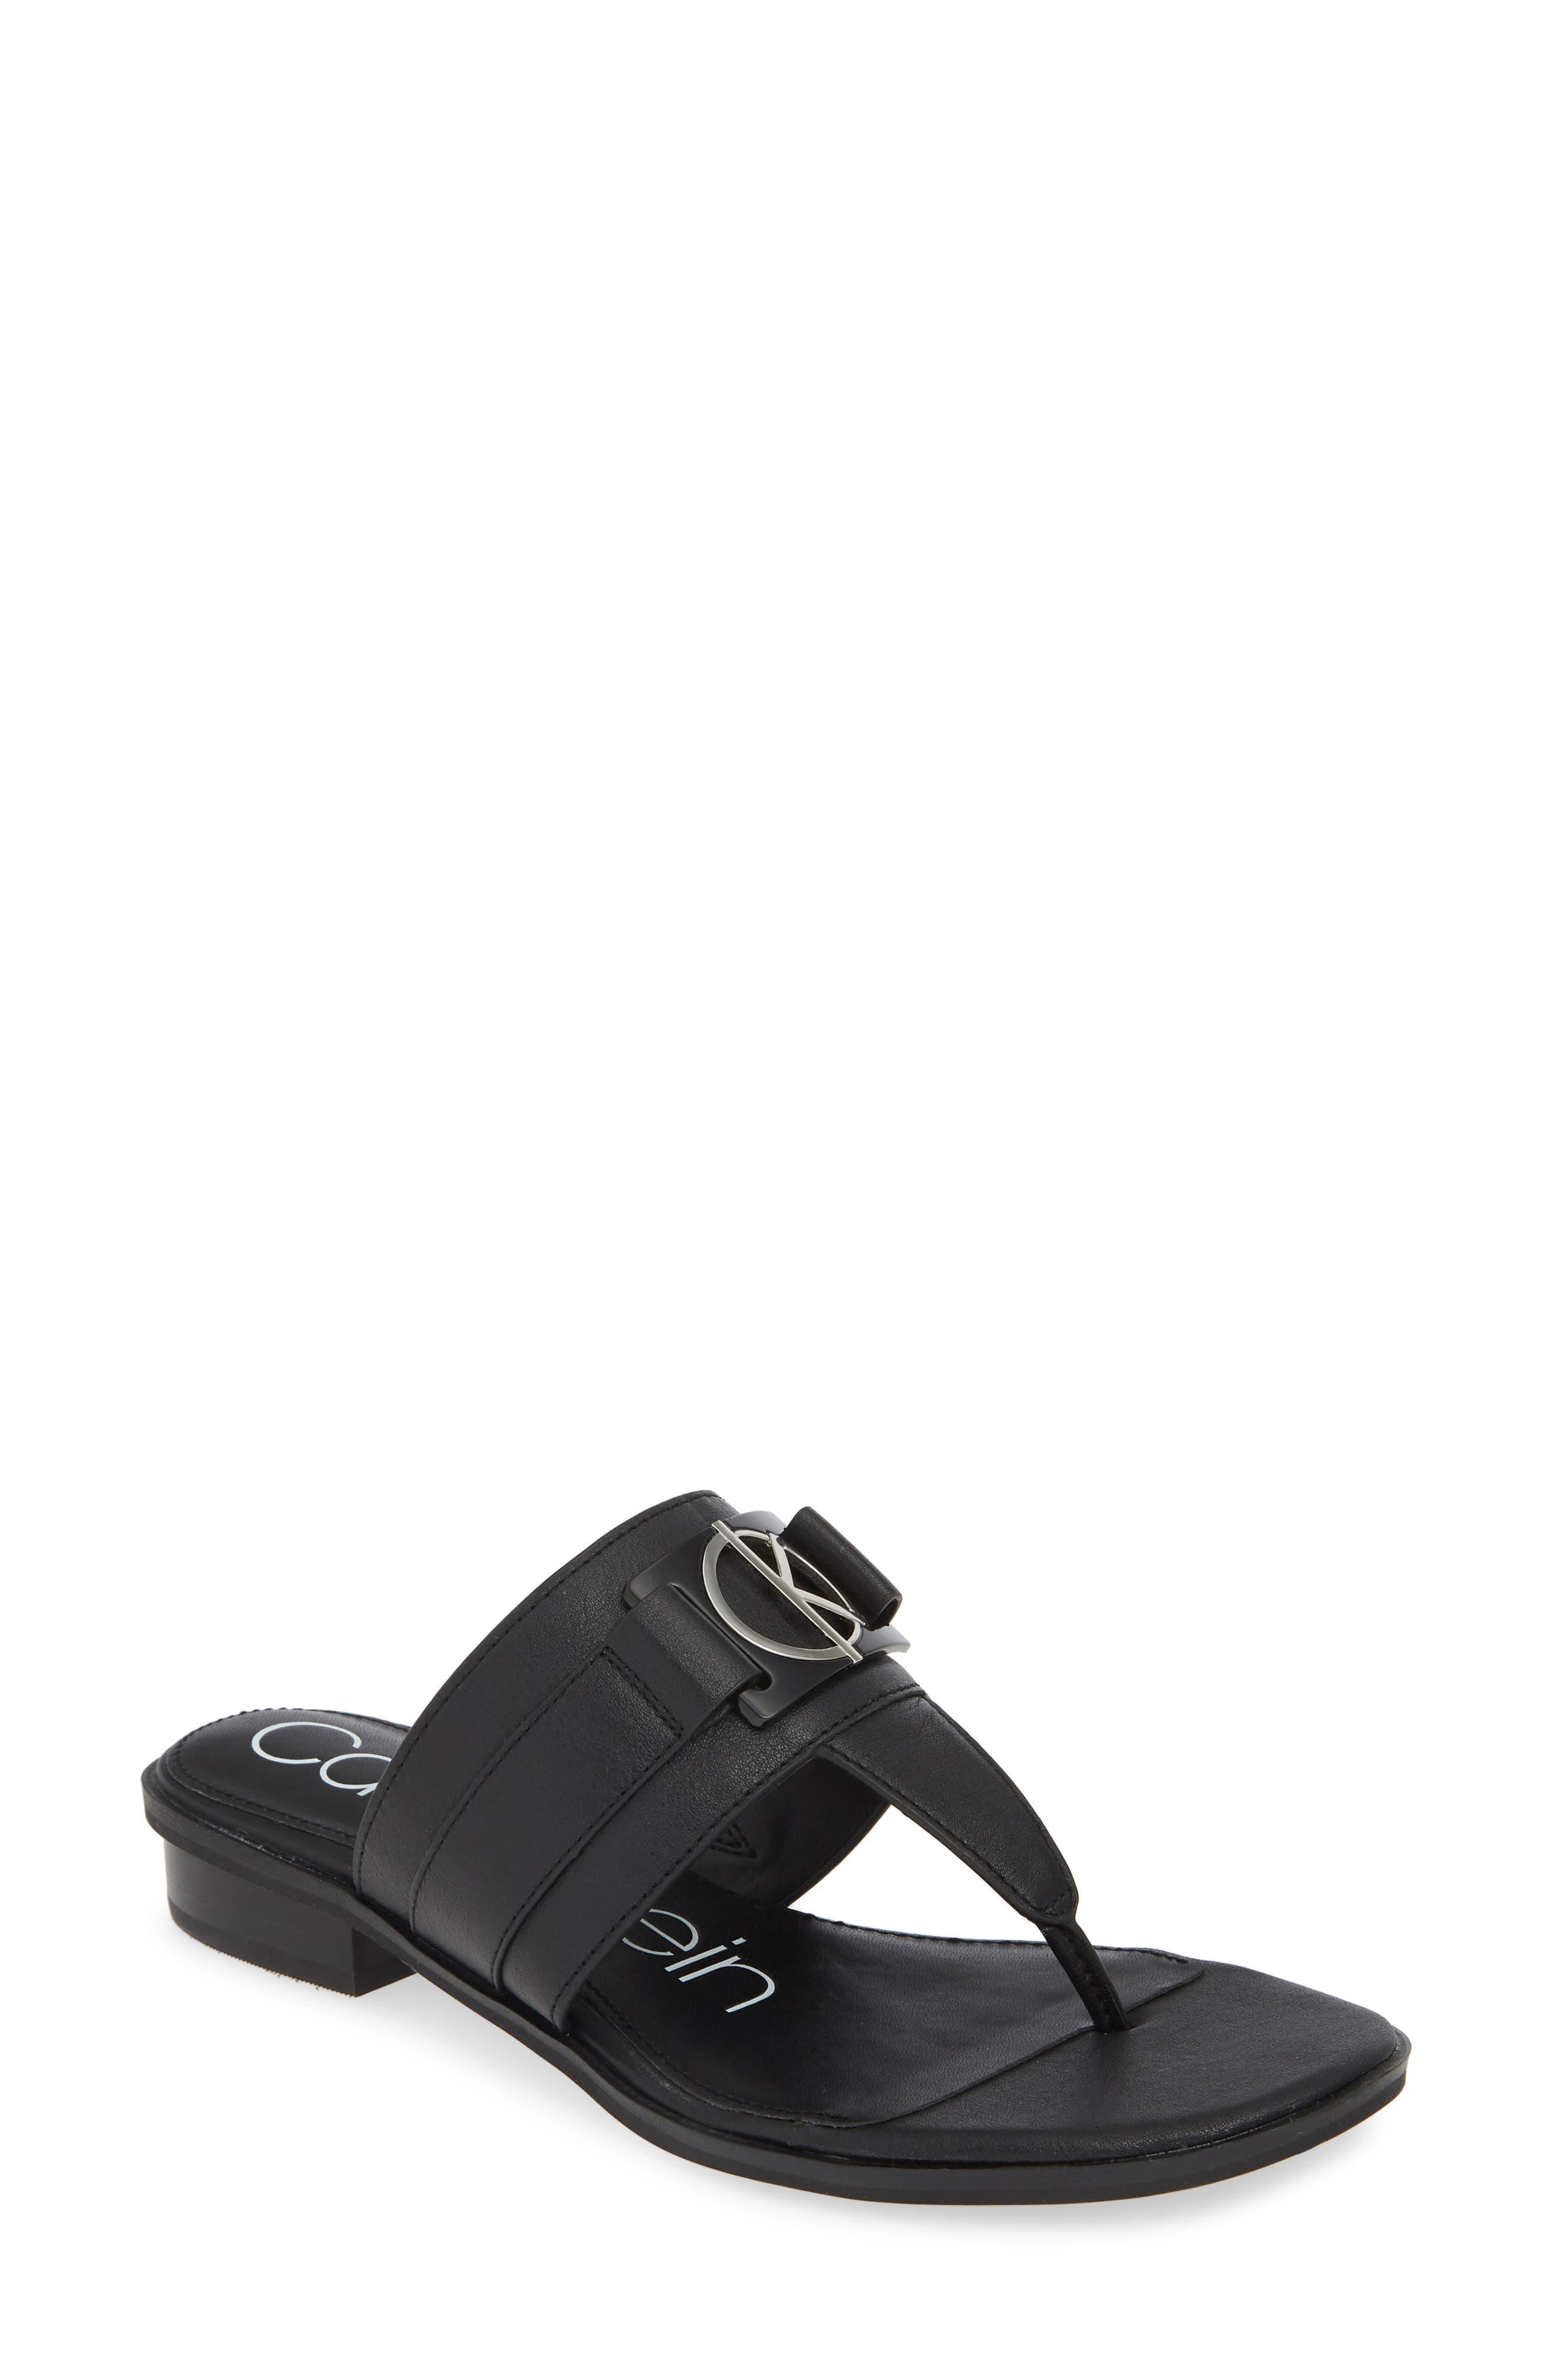 Calvin Klein Farley Flip Flop- Black